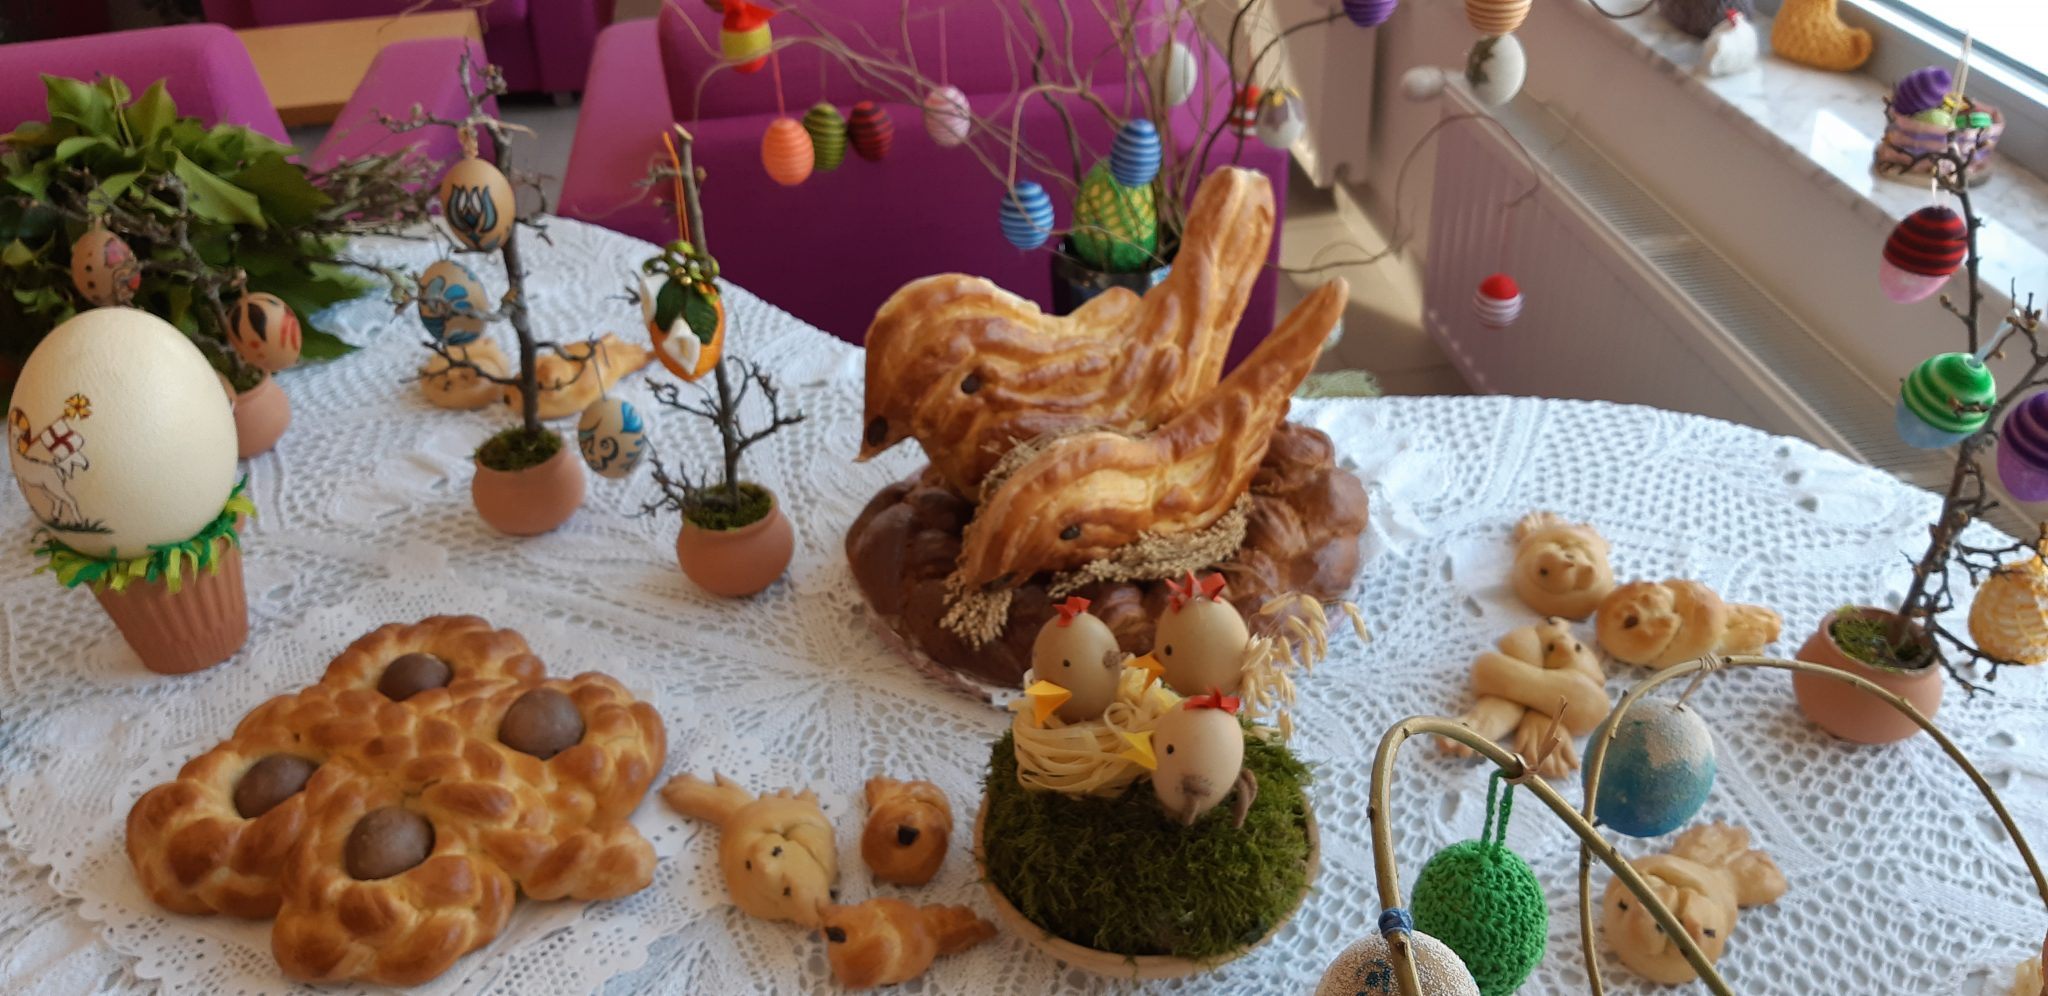 20190417 172722 - Velikonočna razstava društva Klasje Cerknica